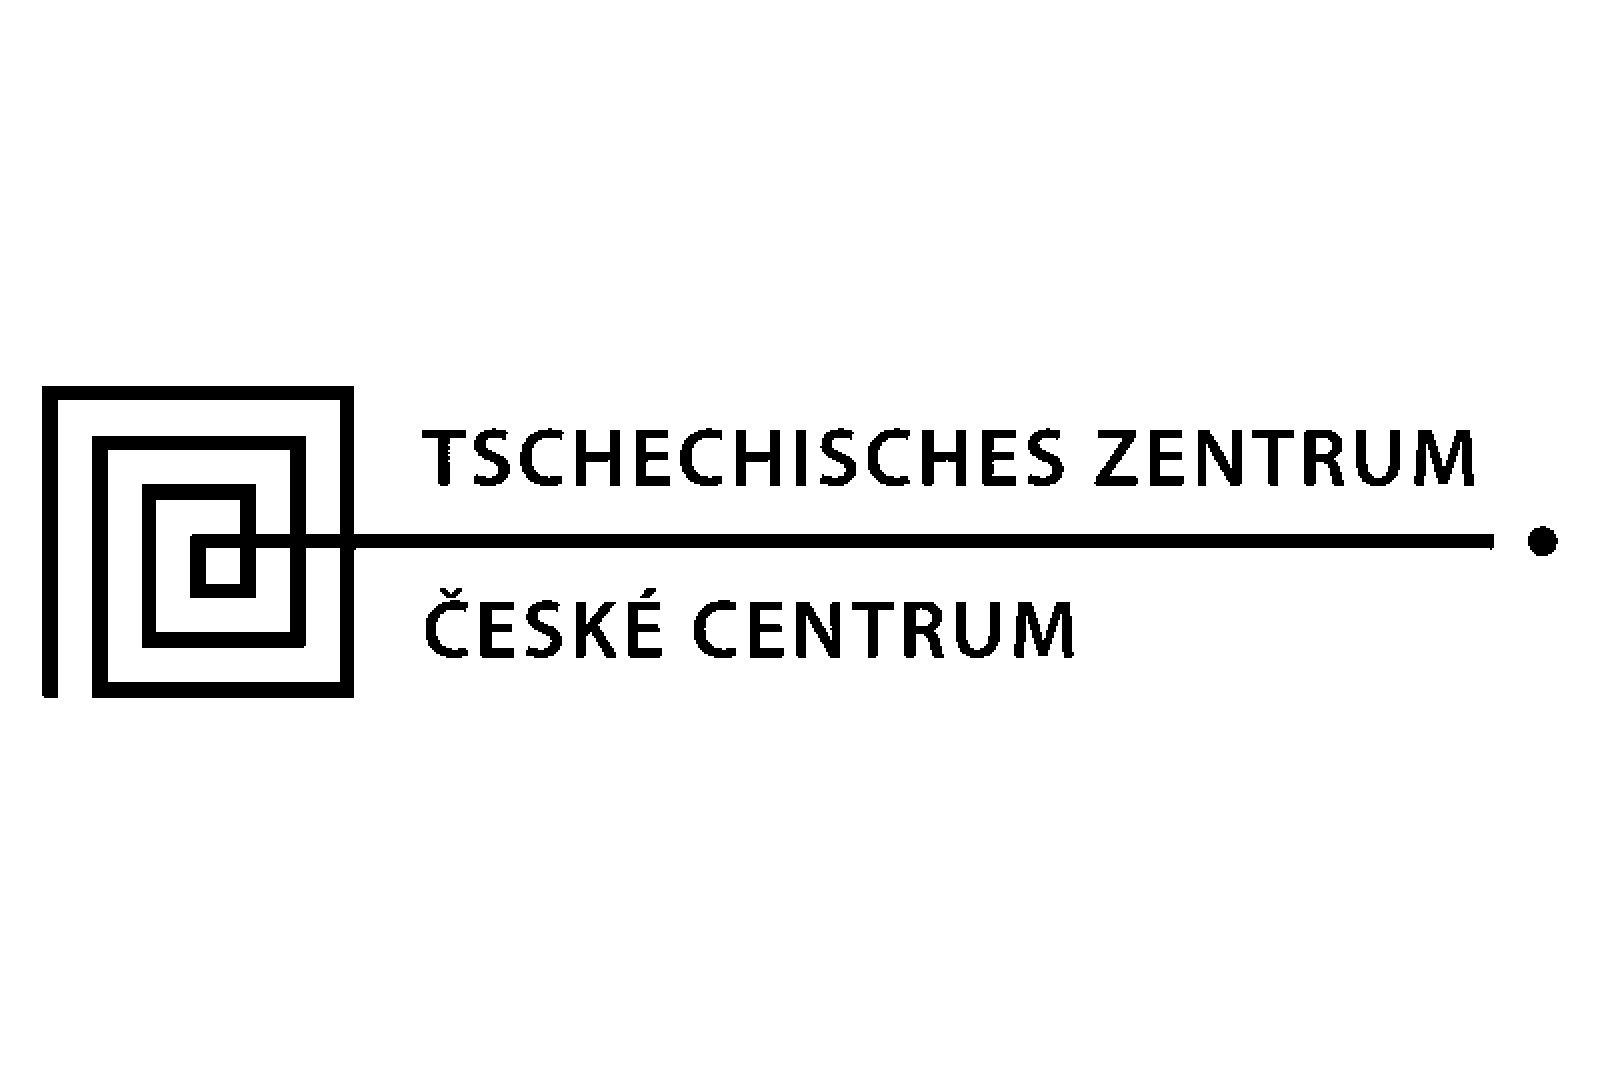 TSCHECHISCHES-ZENTRUM.jpg